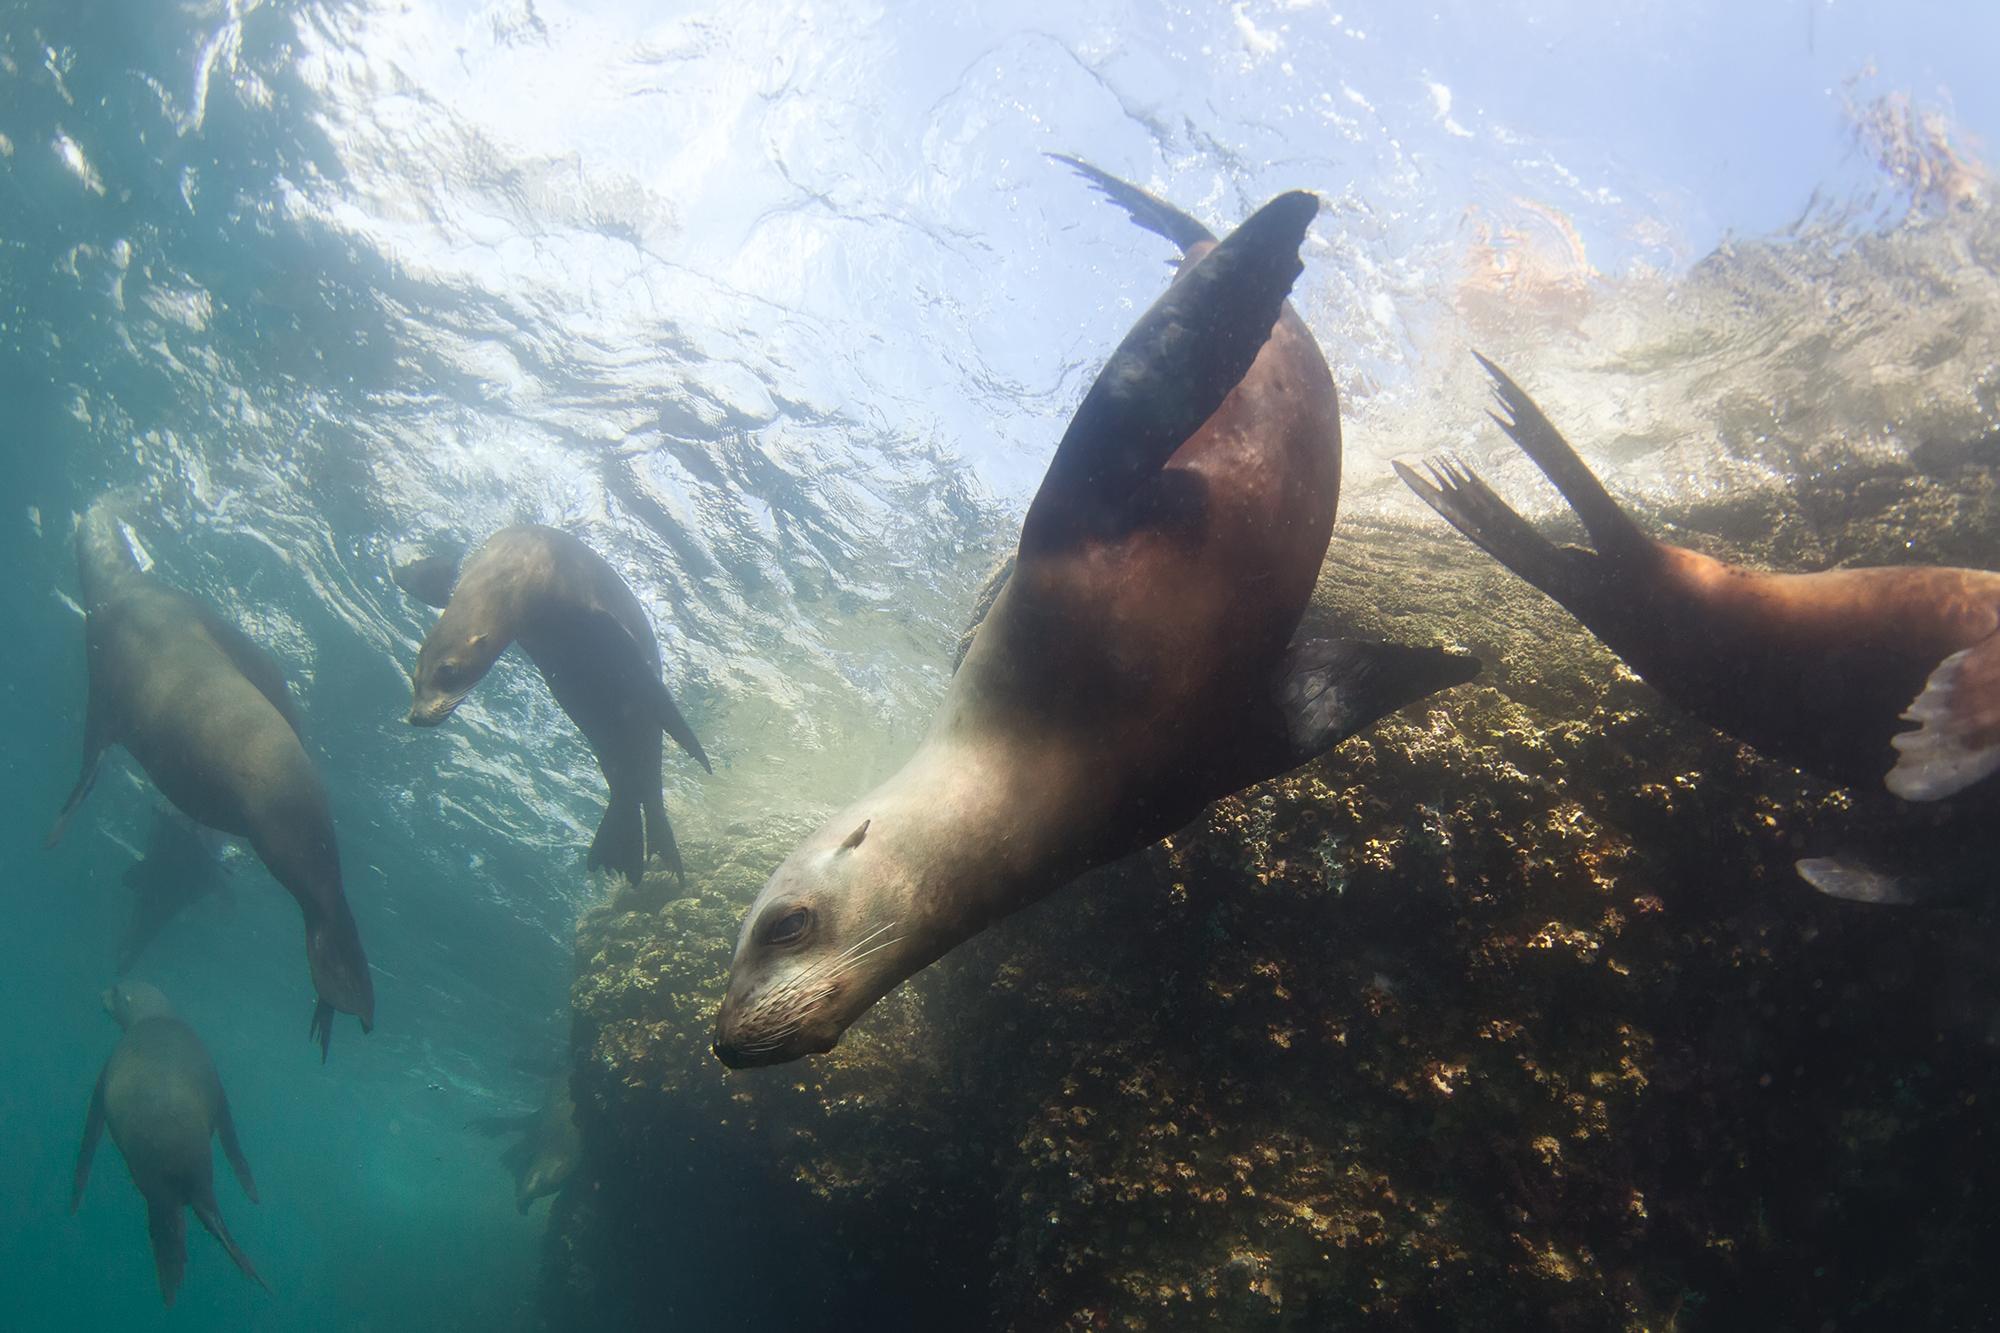 Под воду фотограф опускается в маске и ластах